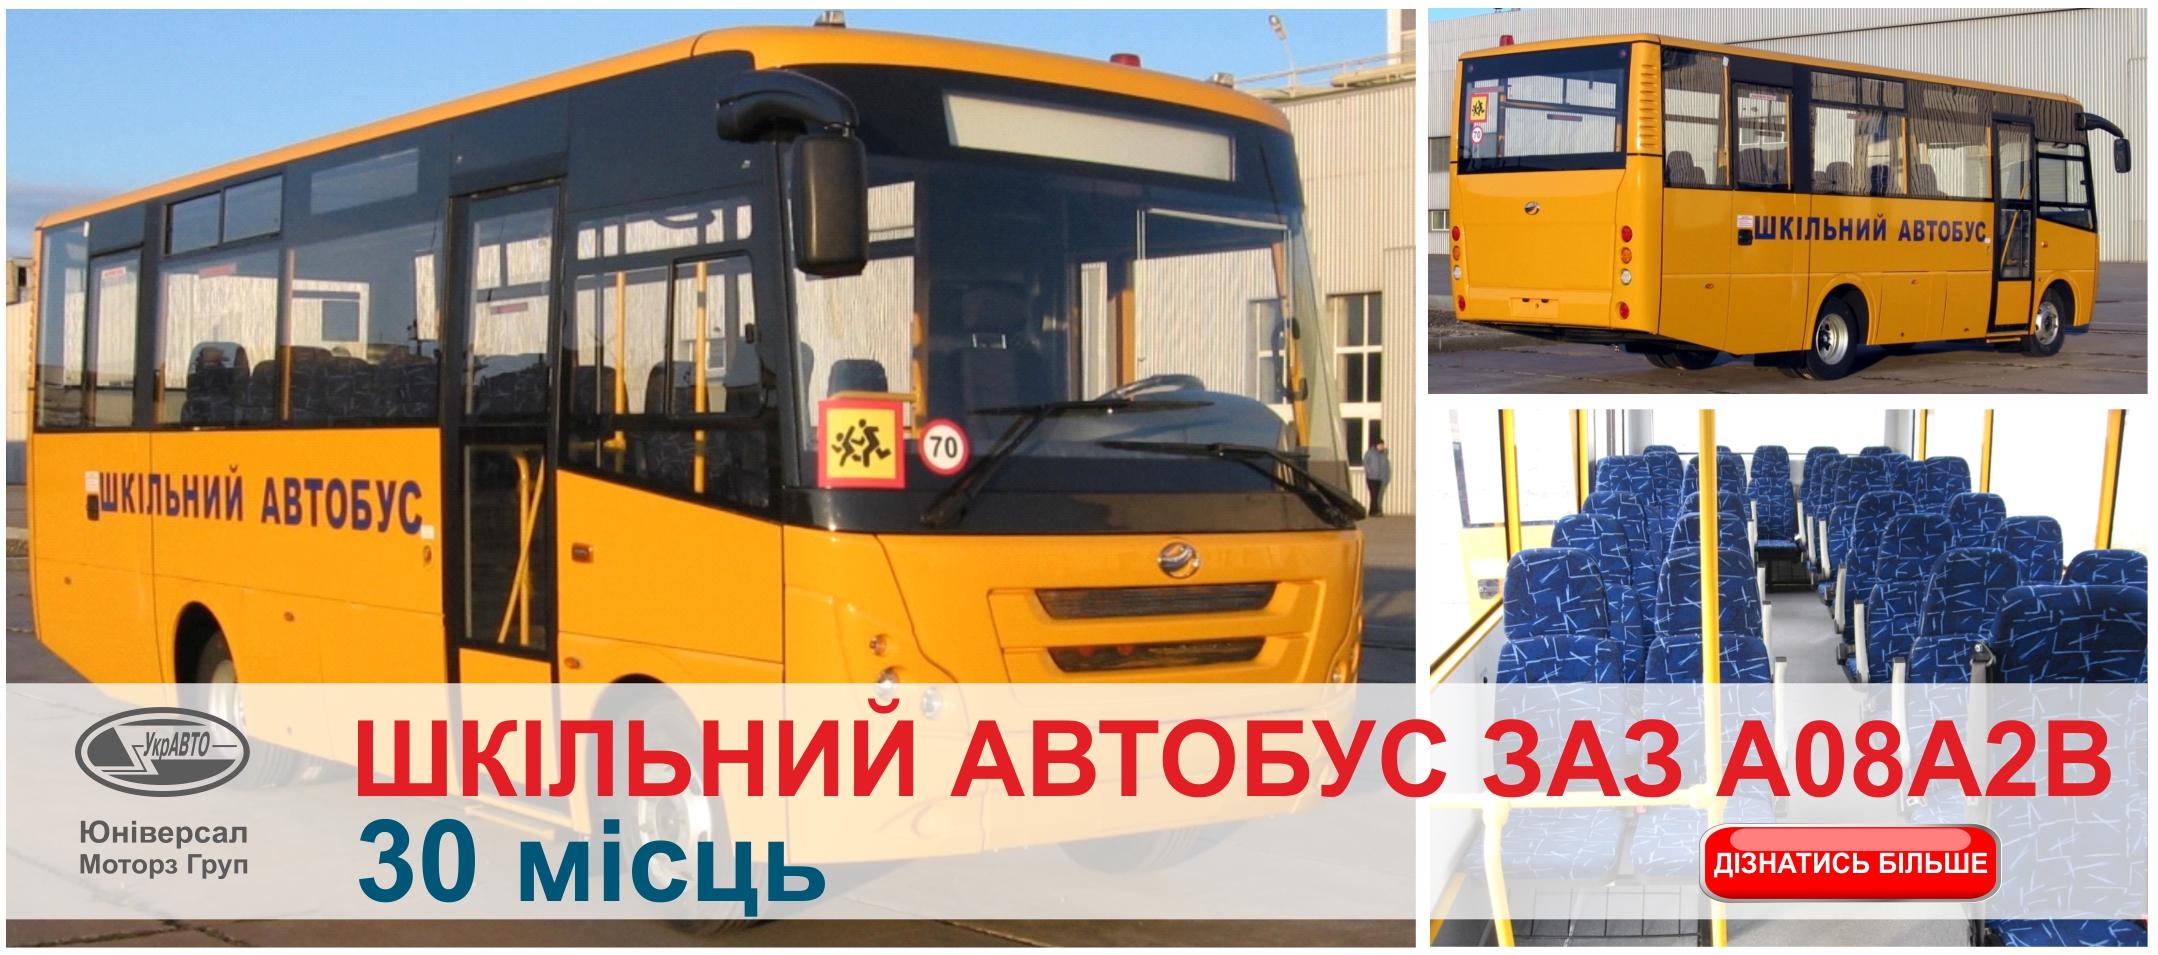 На Запорізькому Автомобілебудівному Заводі розпочато виробництво шкільних автобусів